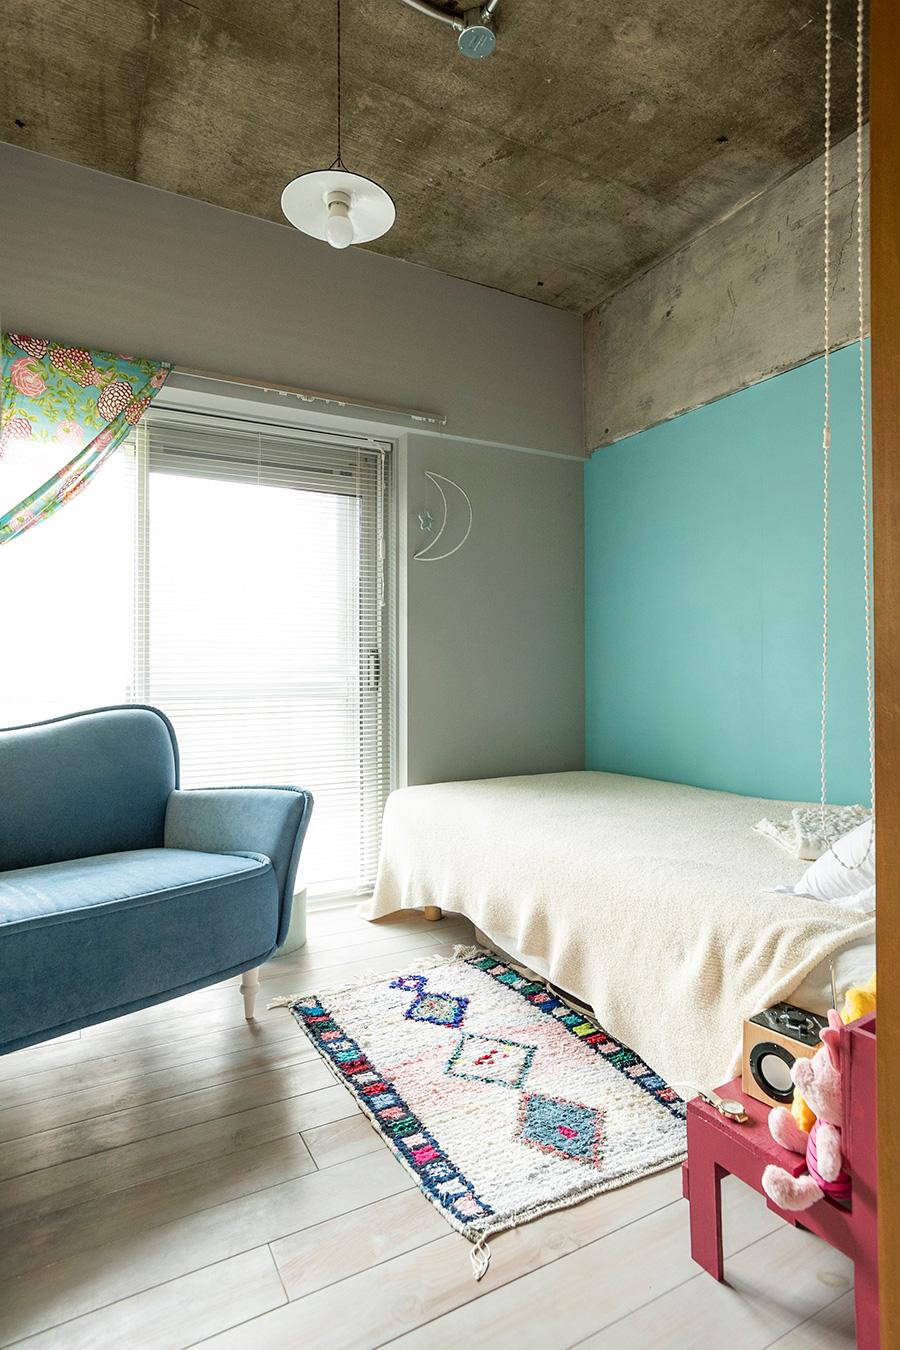 ブルーの色彩が映える子供部屋。壁も床も娘さんがDIYで塗装。